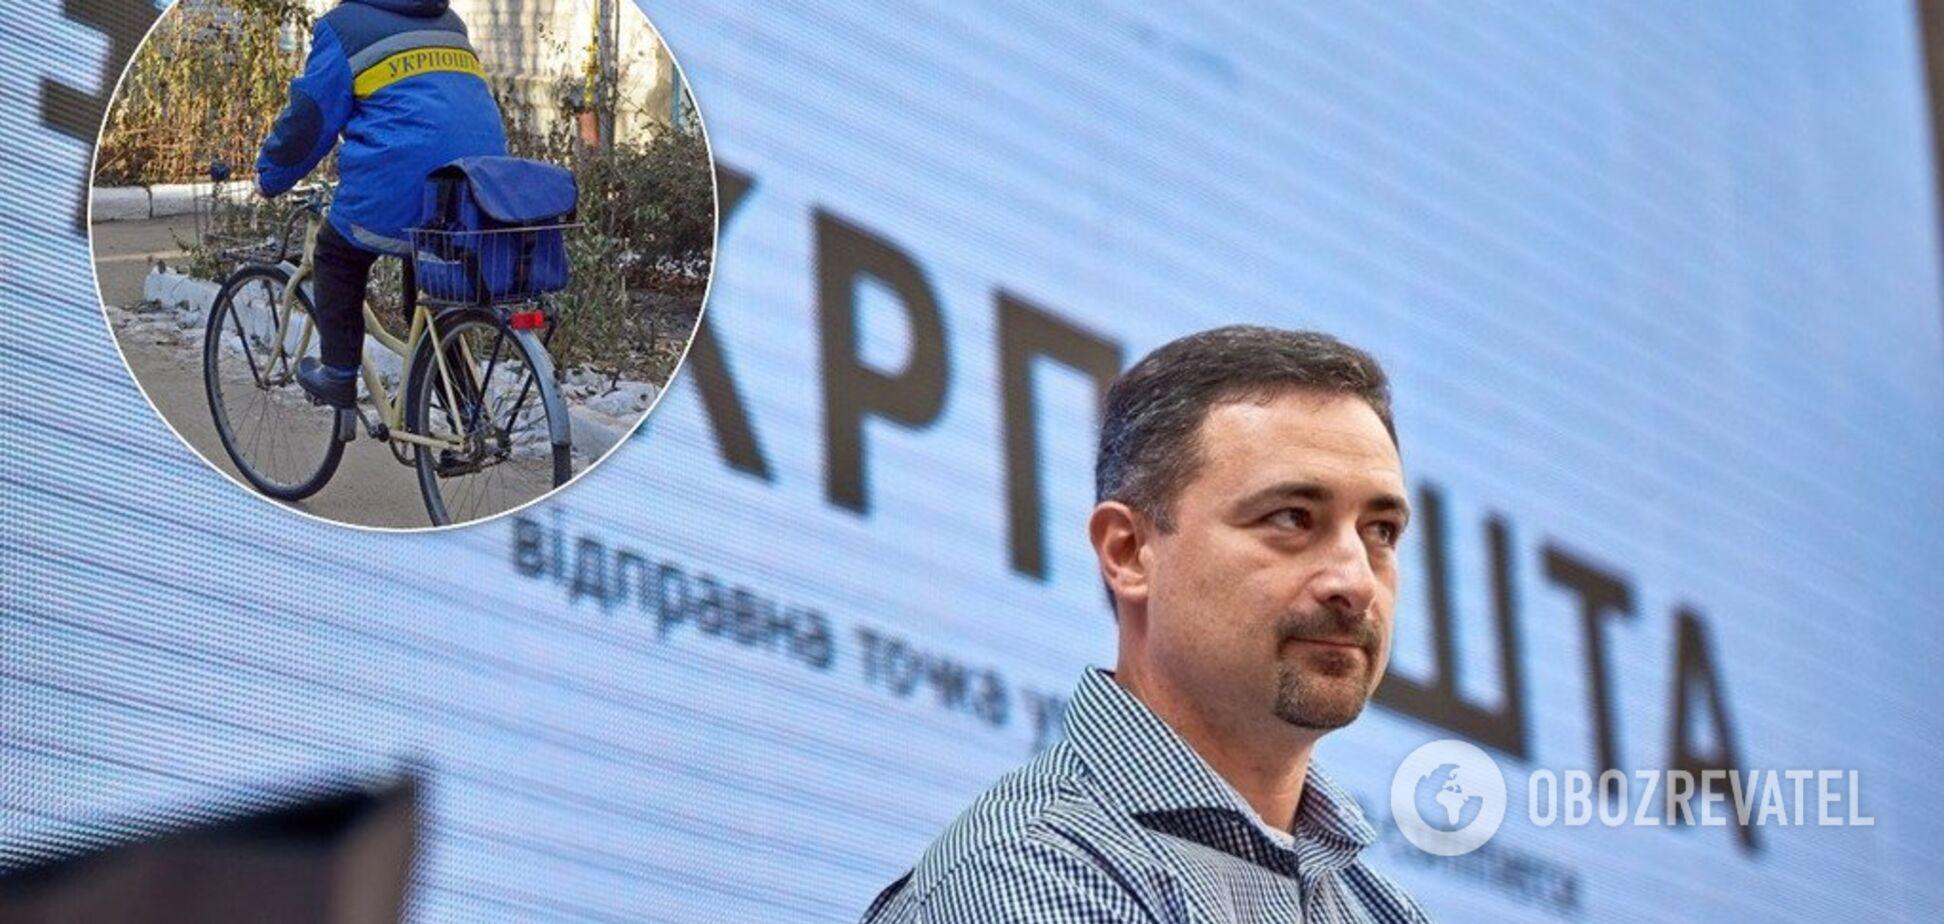 Глава 'Укрпошти' пригрозил сотрудникам за посещение церкви на Пасху